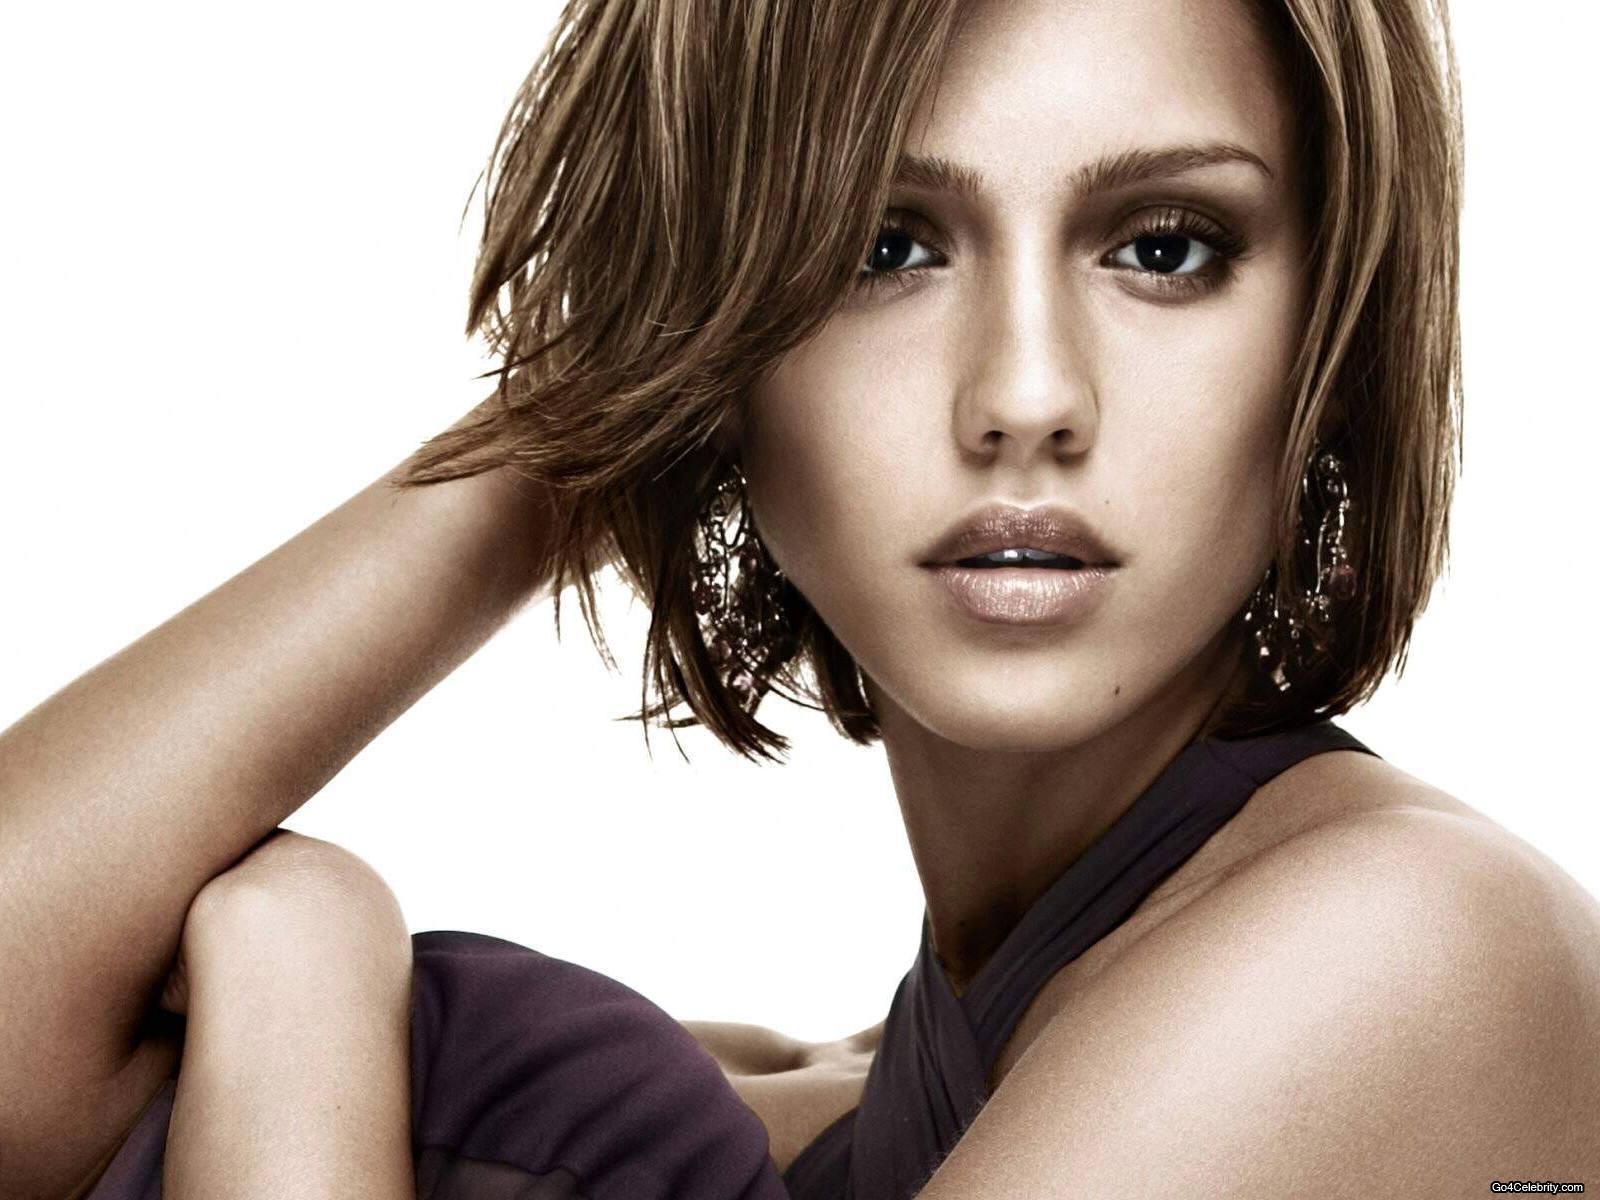 http://2.bp.blogspot.com/-XHuMiE5MMks/T_Gom9kTzlI/AAAAAAAAArM/rA-8-RIj164/s1600/70-Jessica-Alba.jpg